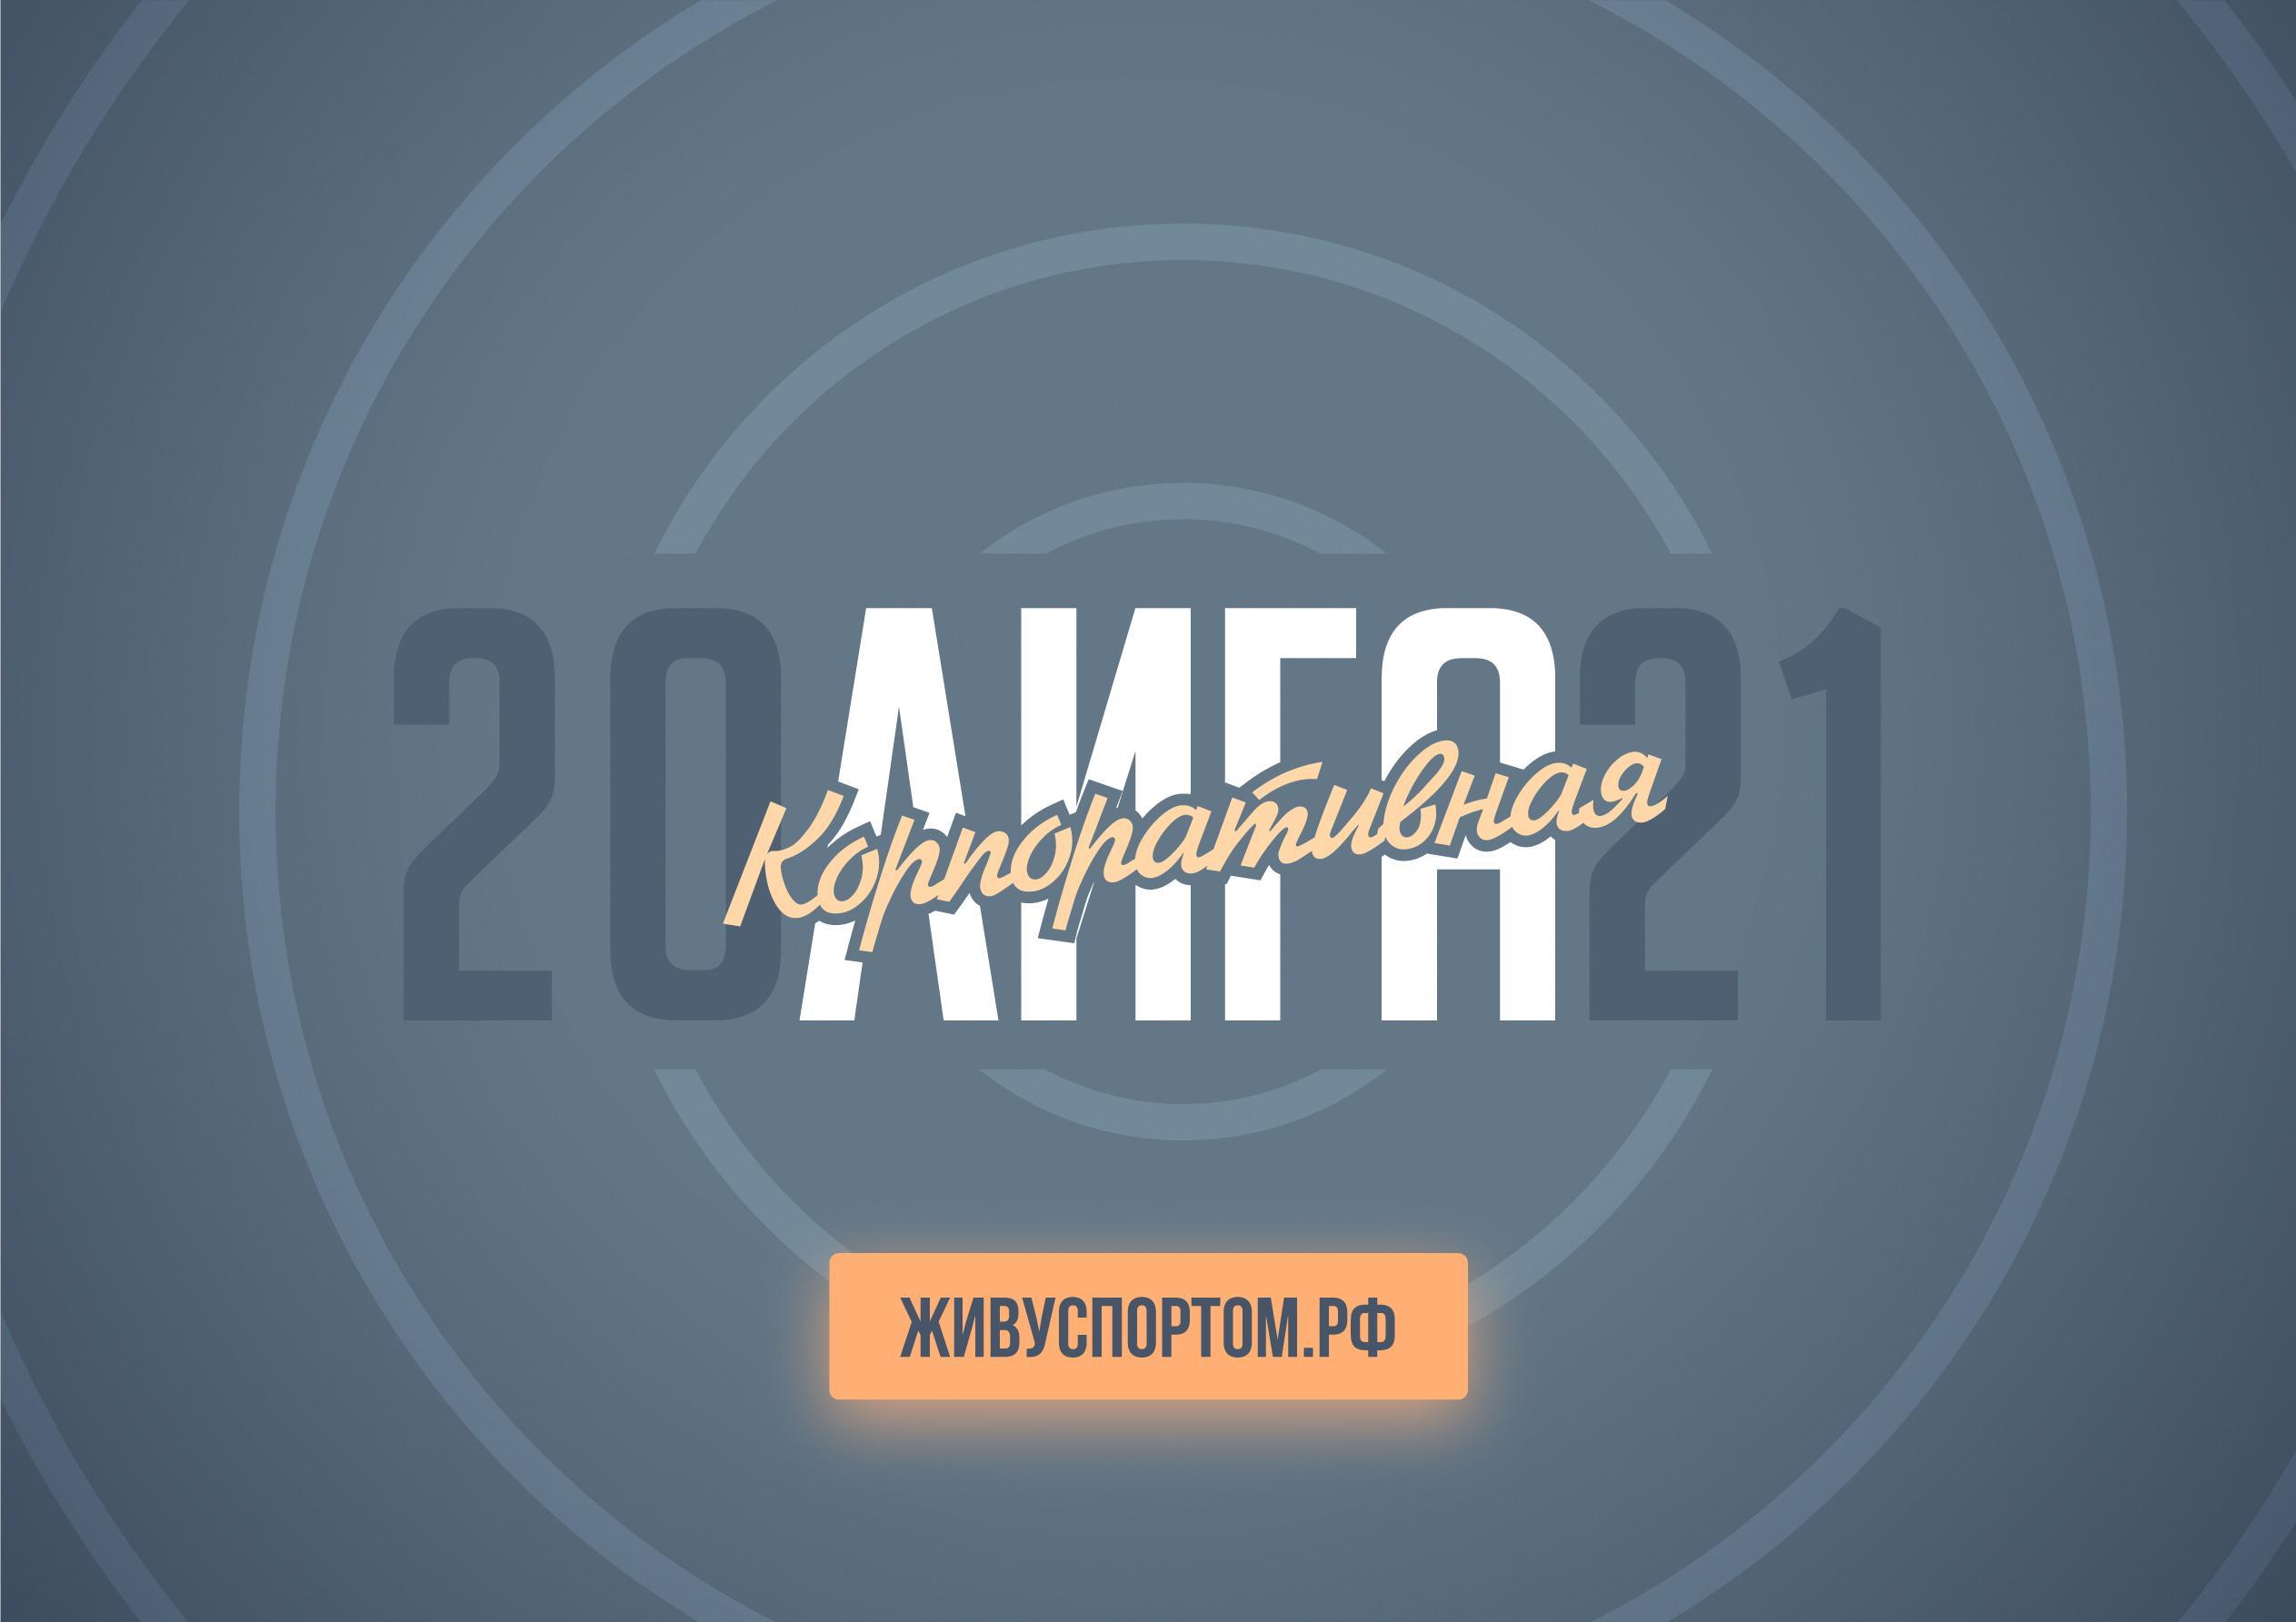 В Подмосковье проходит регистрация на участие в спортивной «Корпоративной лиге»